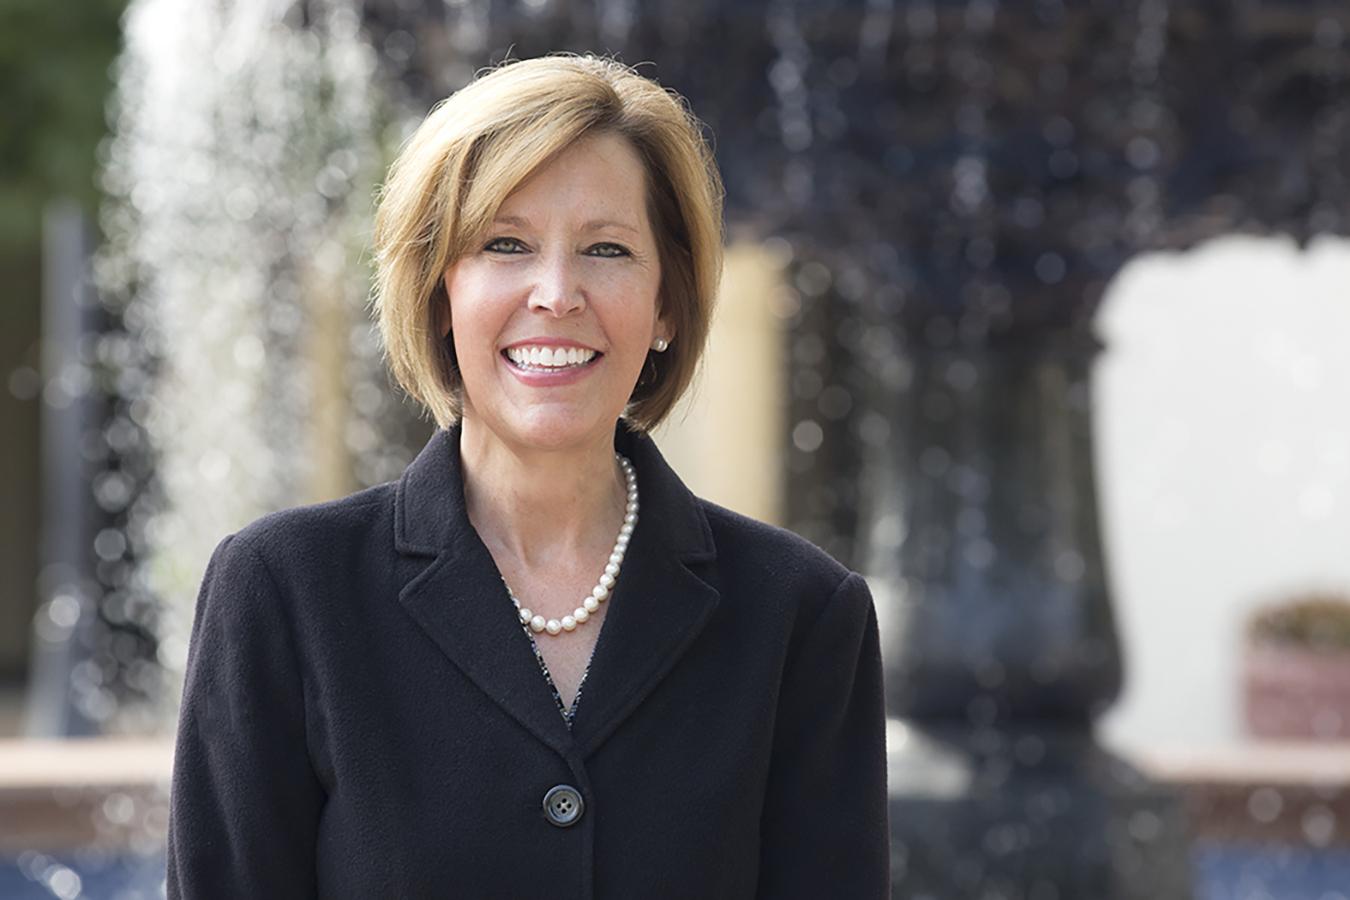 Kathy Gautille